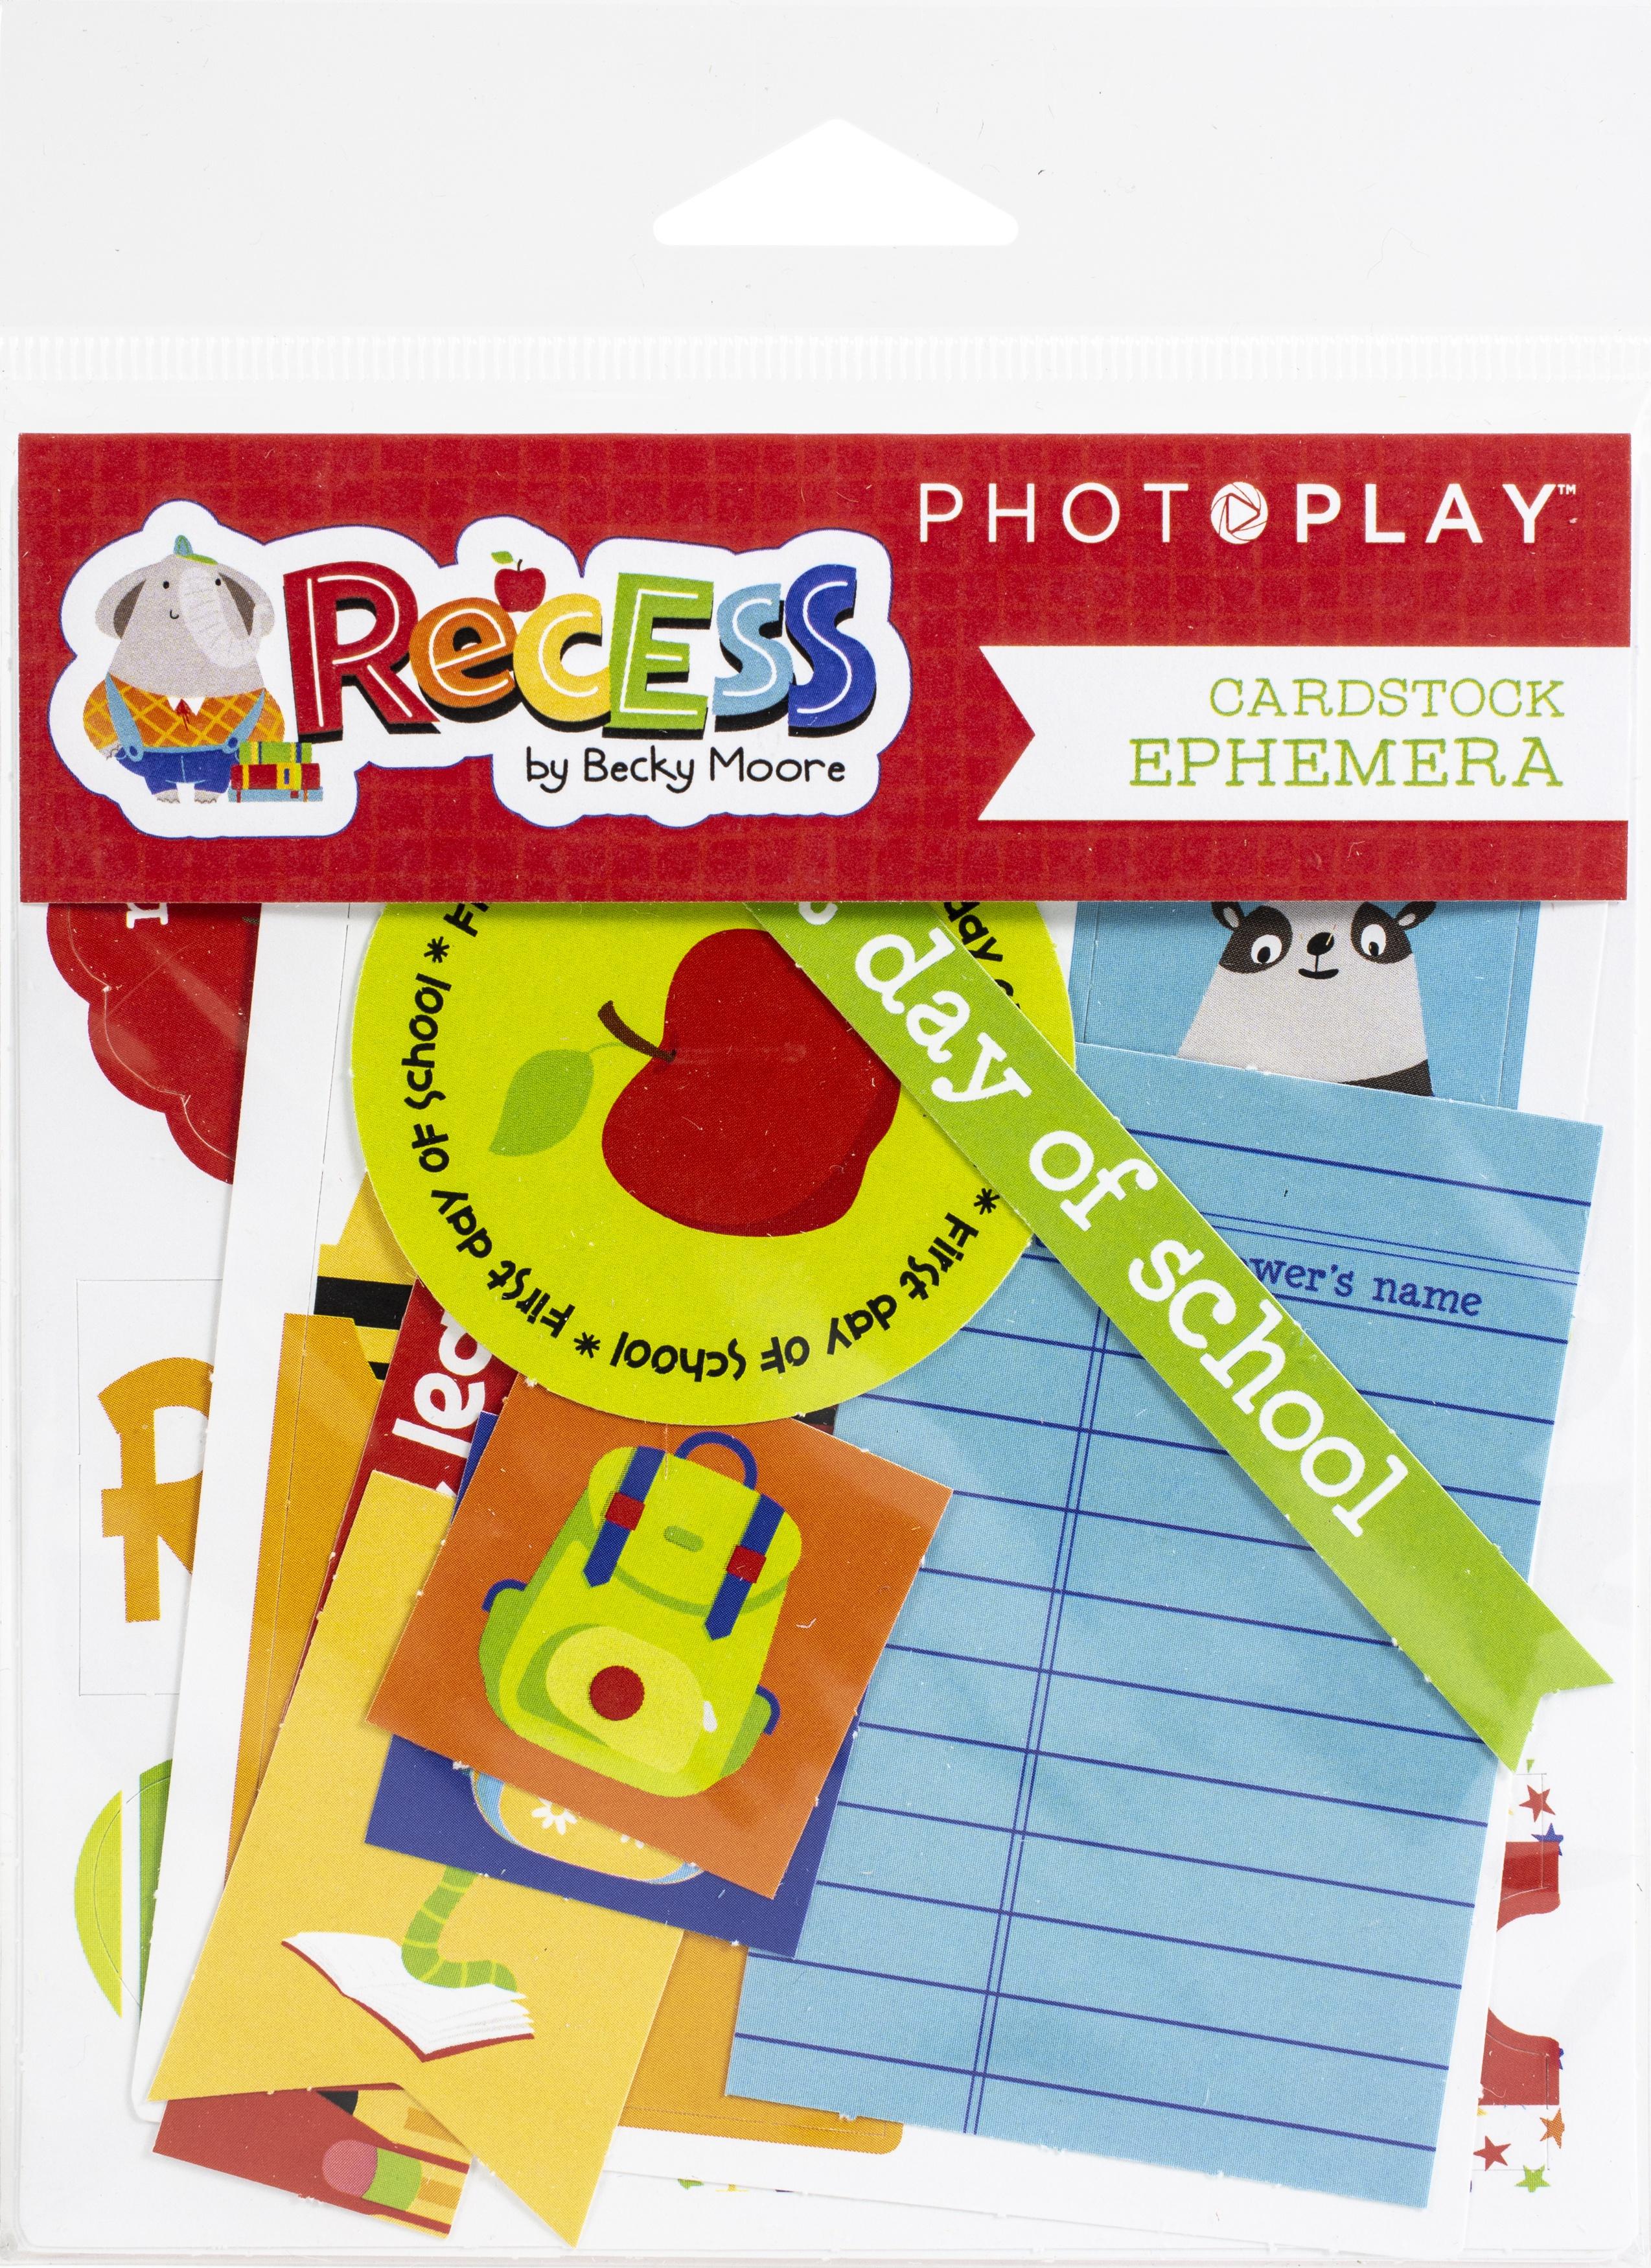 PhotoPlay - Recess Ephemera Cardstock Die-Cuts